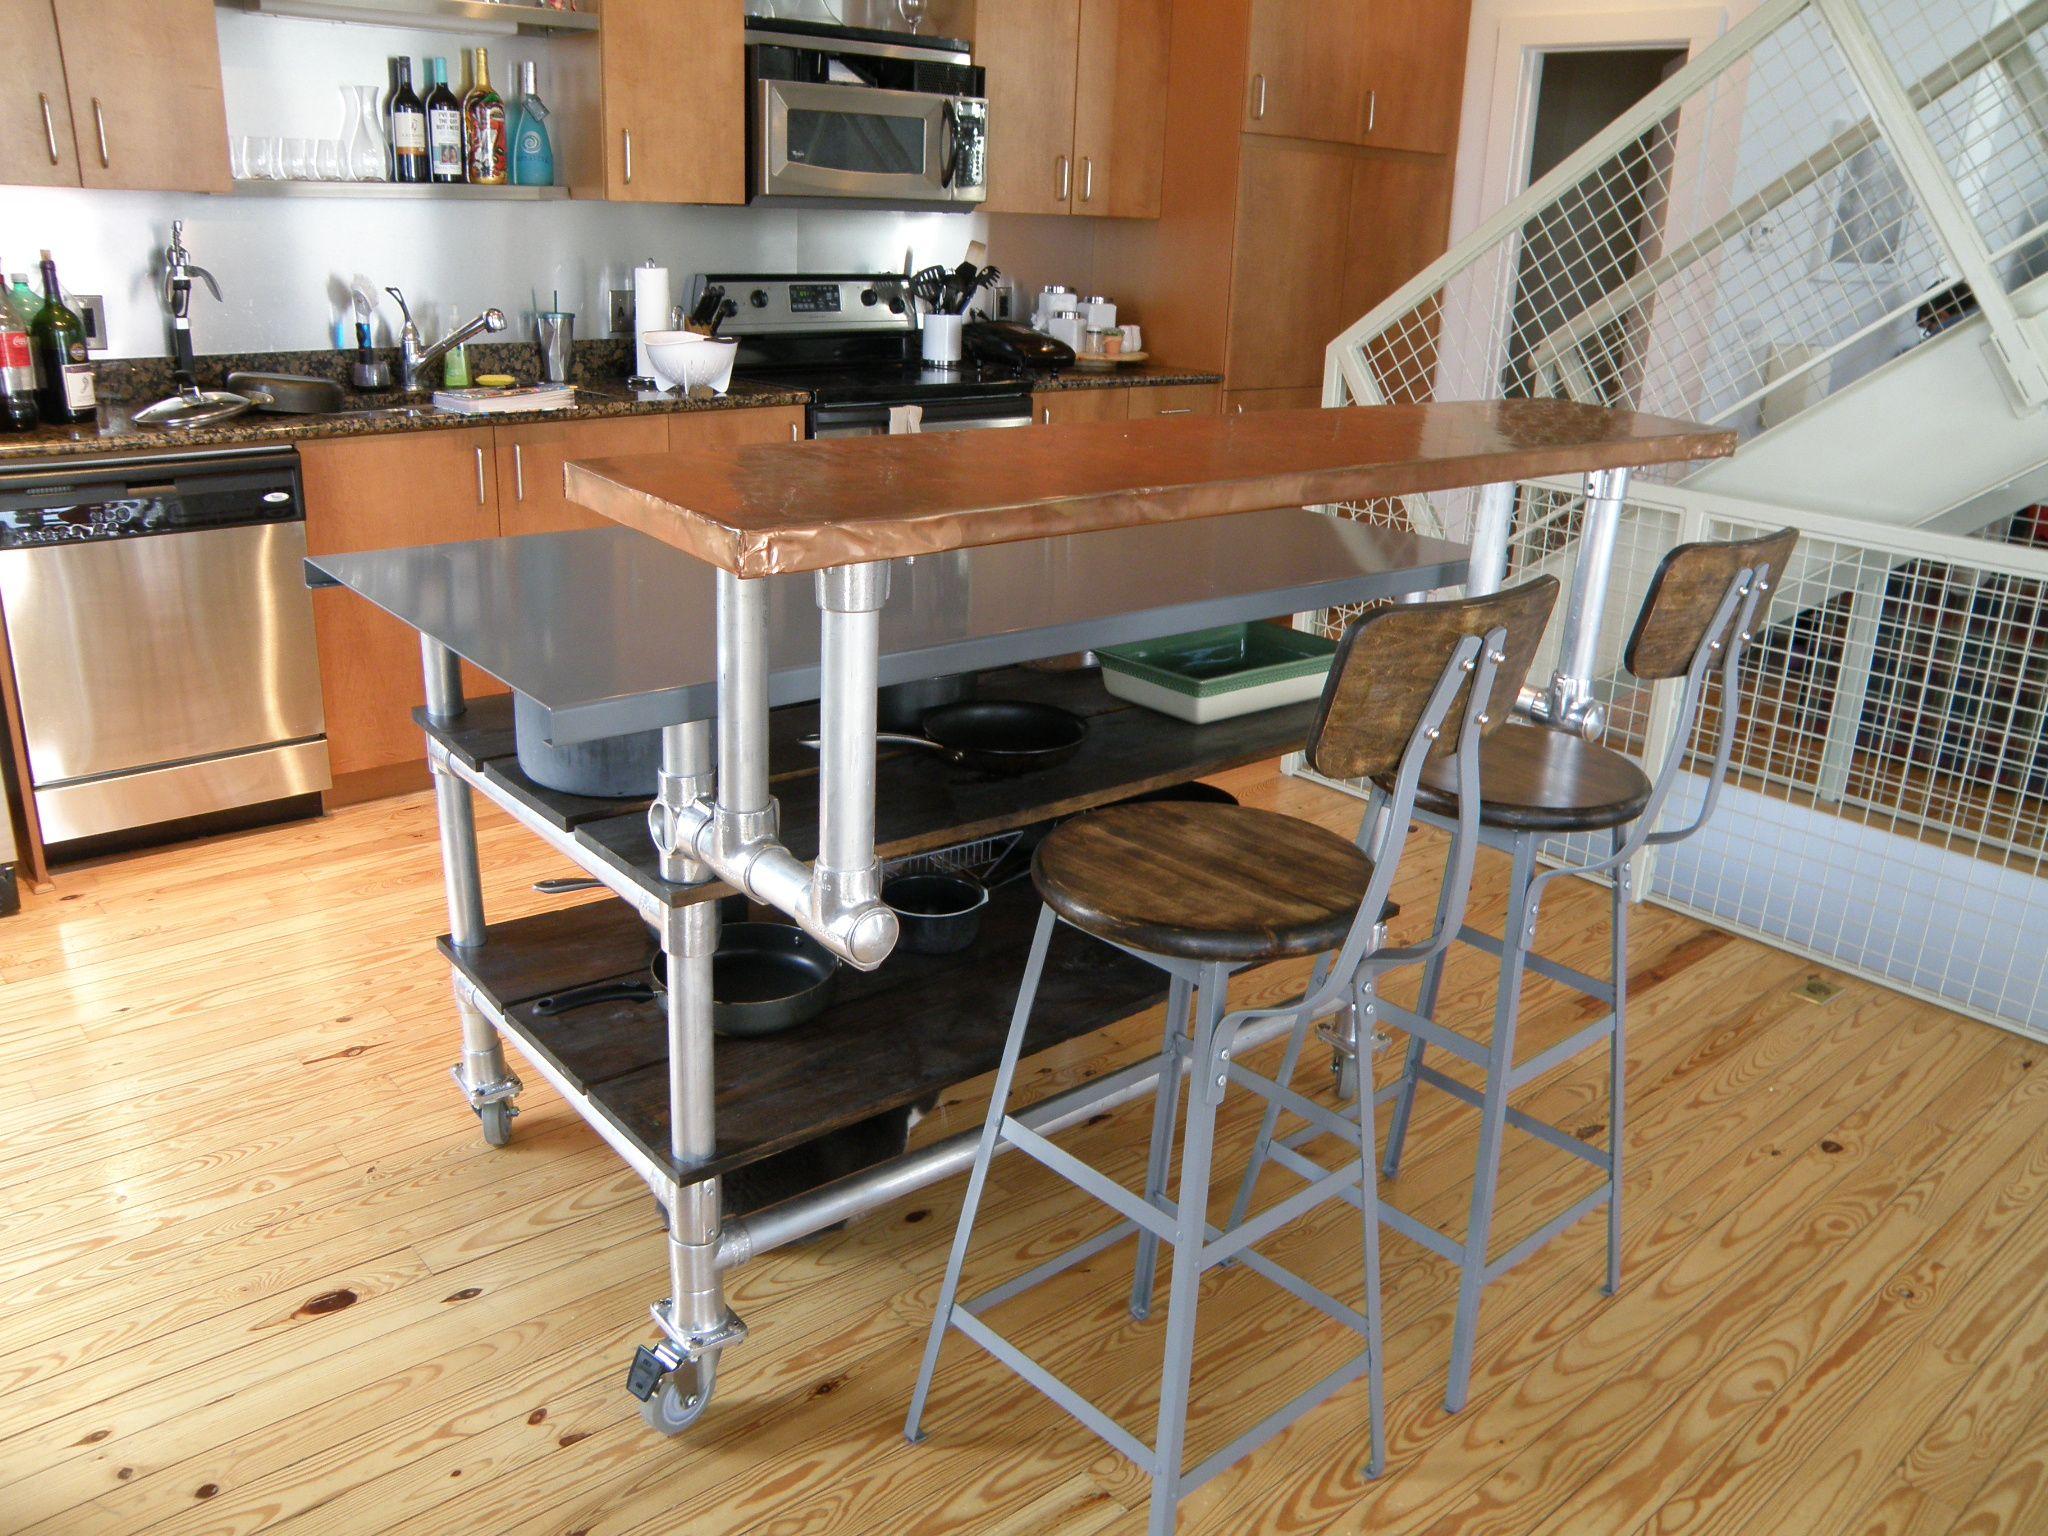 kitchen island bar. Diy Kitchen Island Bar  Seating Y Diy Kitchen Island Bar Rustic Homemade Islands 3